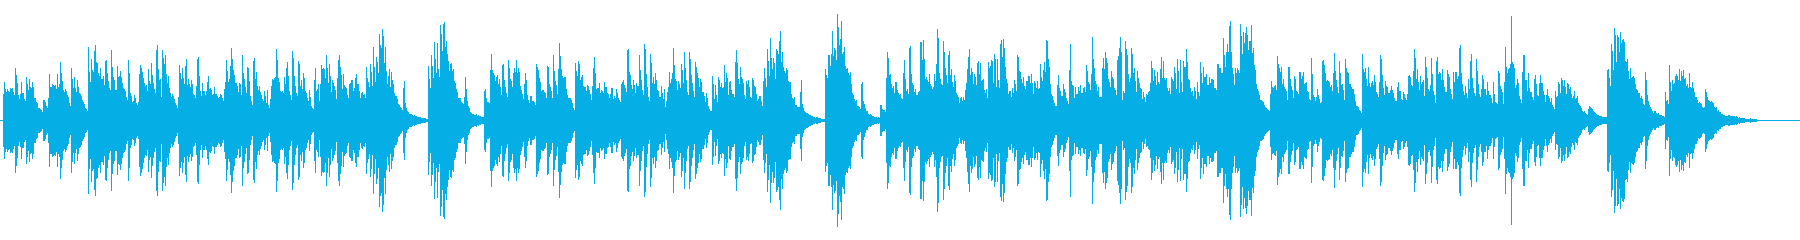 ゆったりと落ち着いたピアノ曲の再生済みの波形